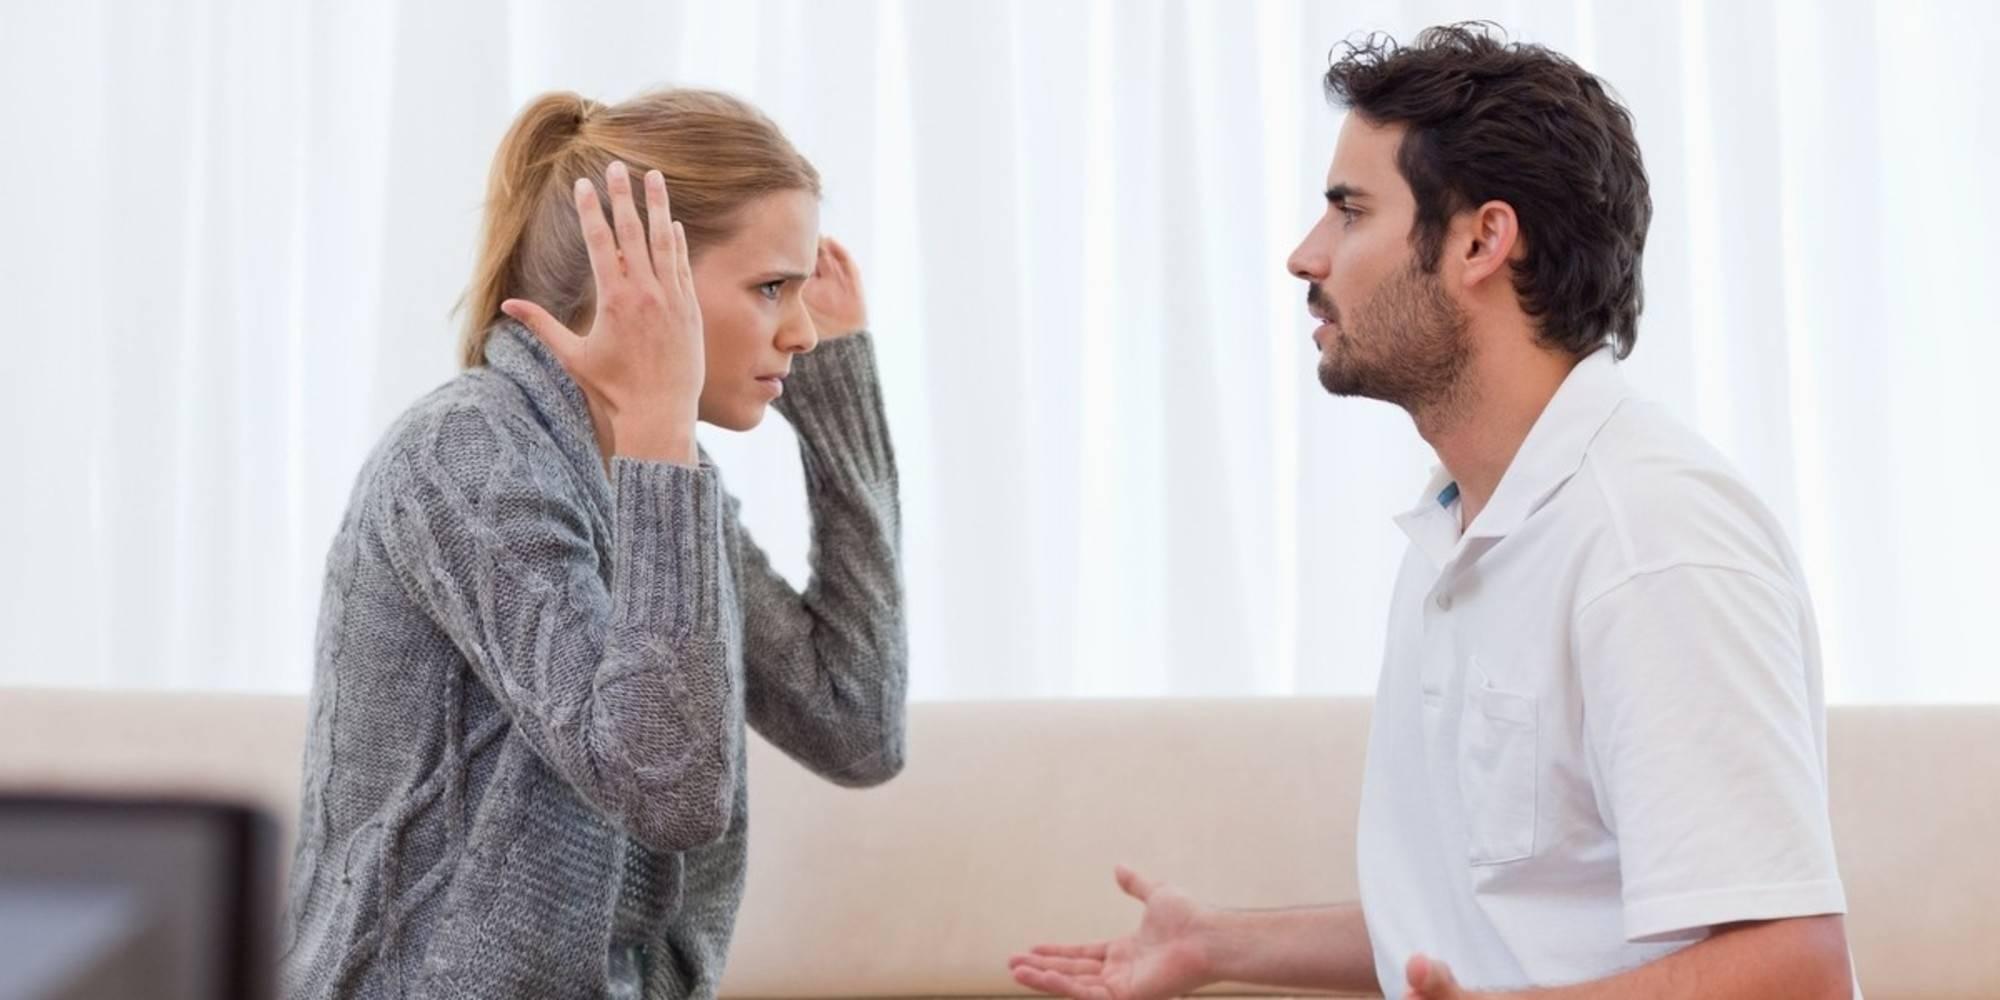 Como terminar o namoro: Dicas do que fazer e não fazer